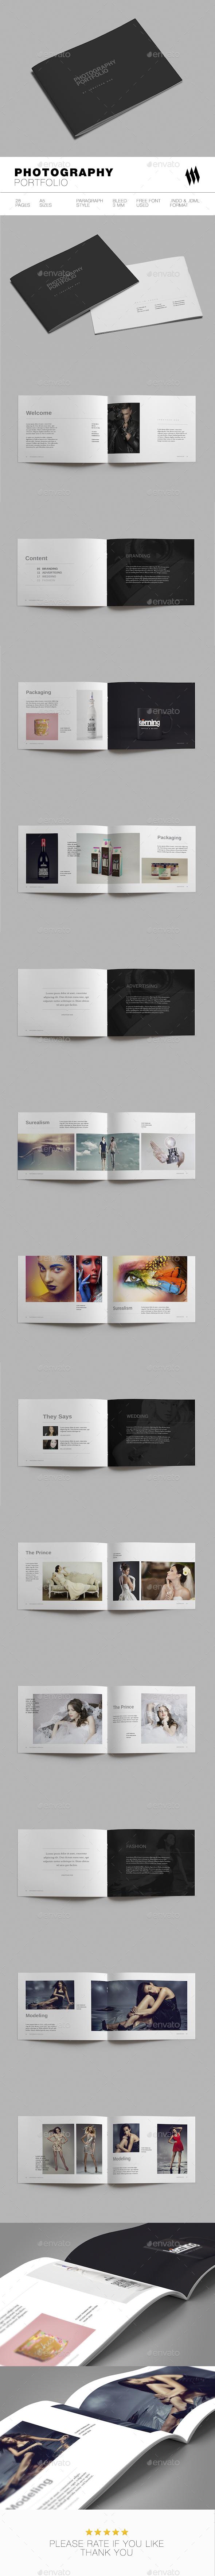 A5 Photography Portfolio - Portfolio Brochures